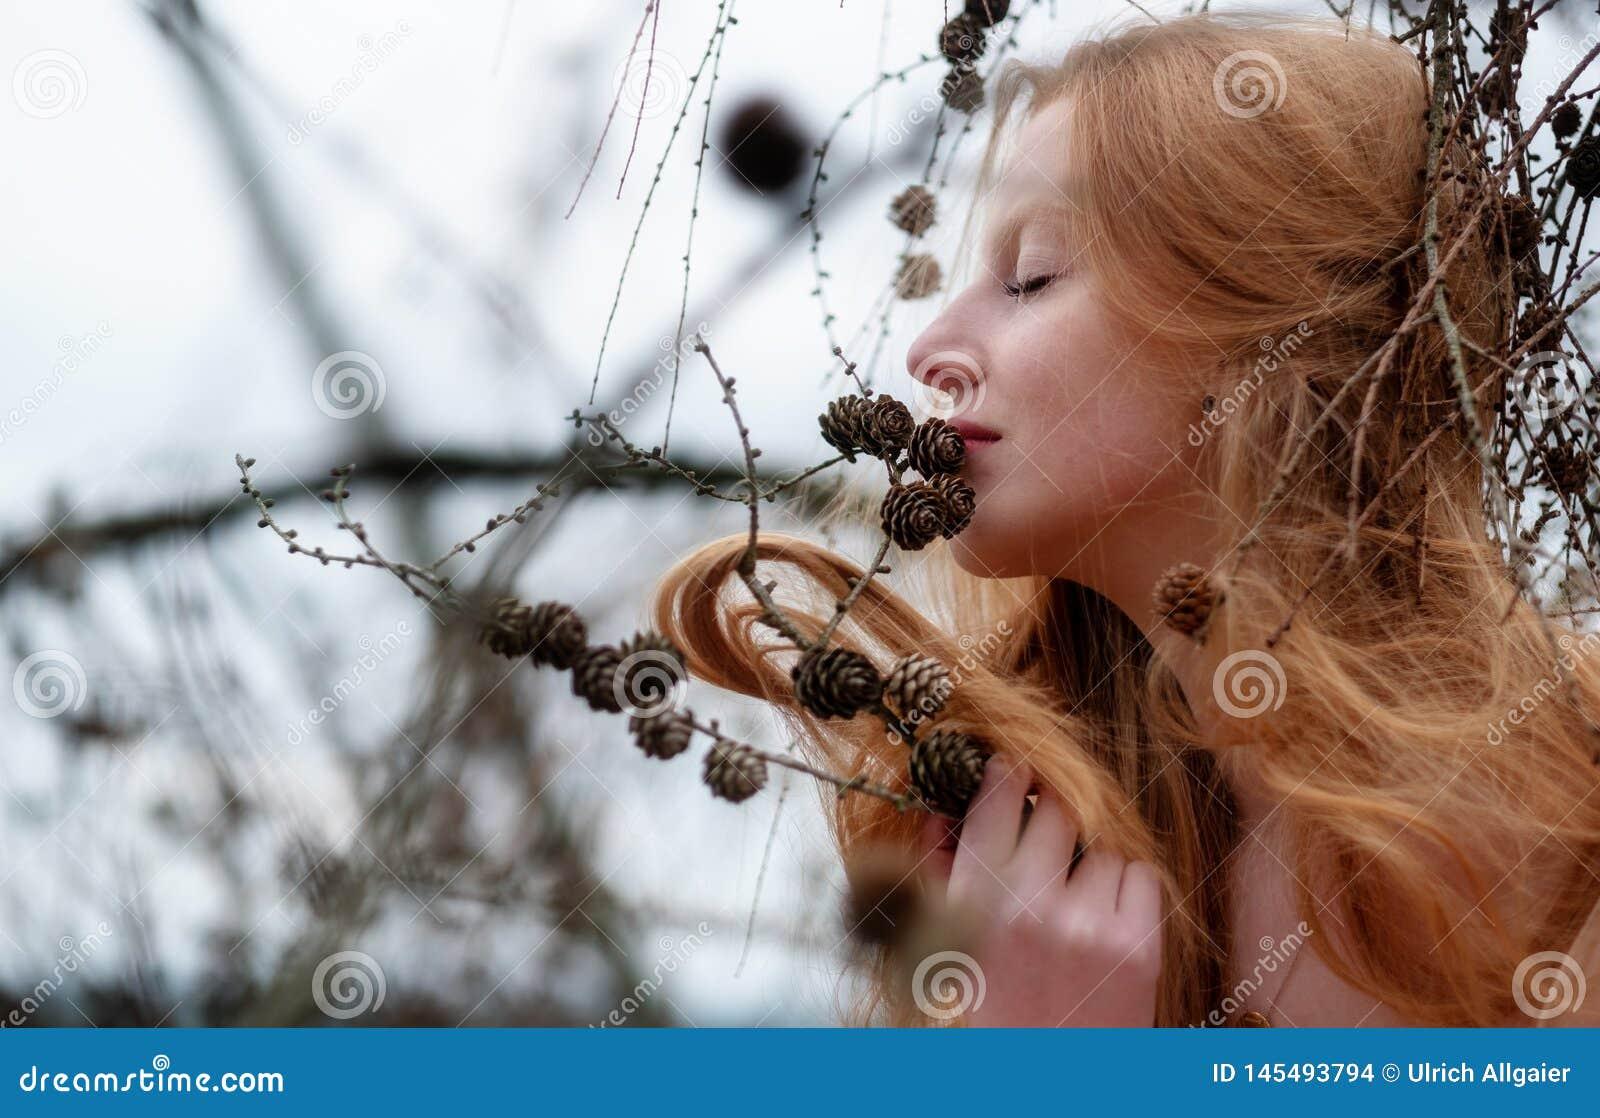 美丽的年轻性感的红发女孩喜欢微笑对捉住在杉木枝杈的杉木和她美丽的华美的红色头发